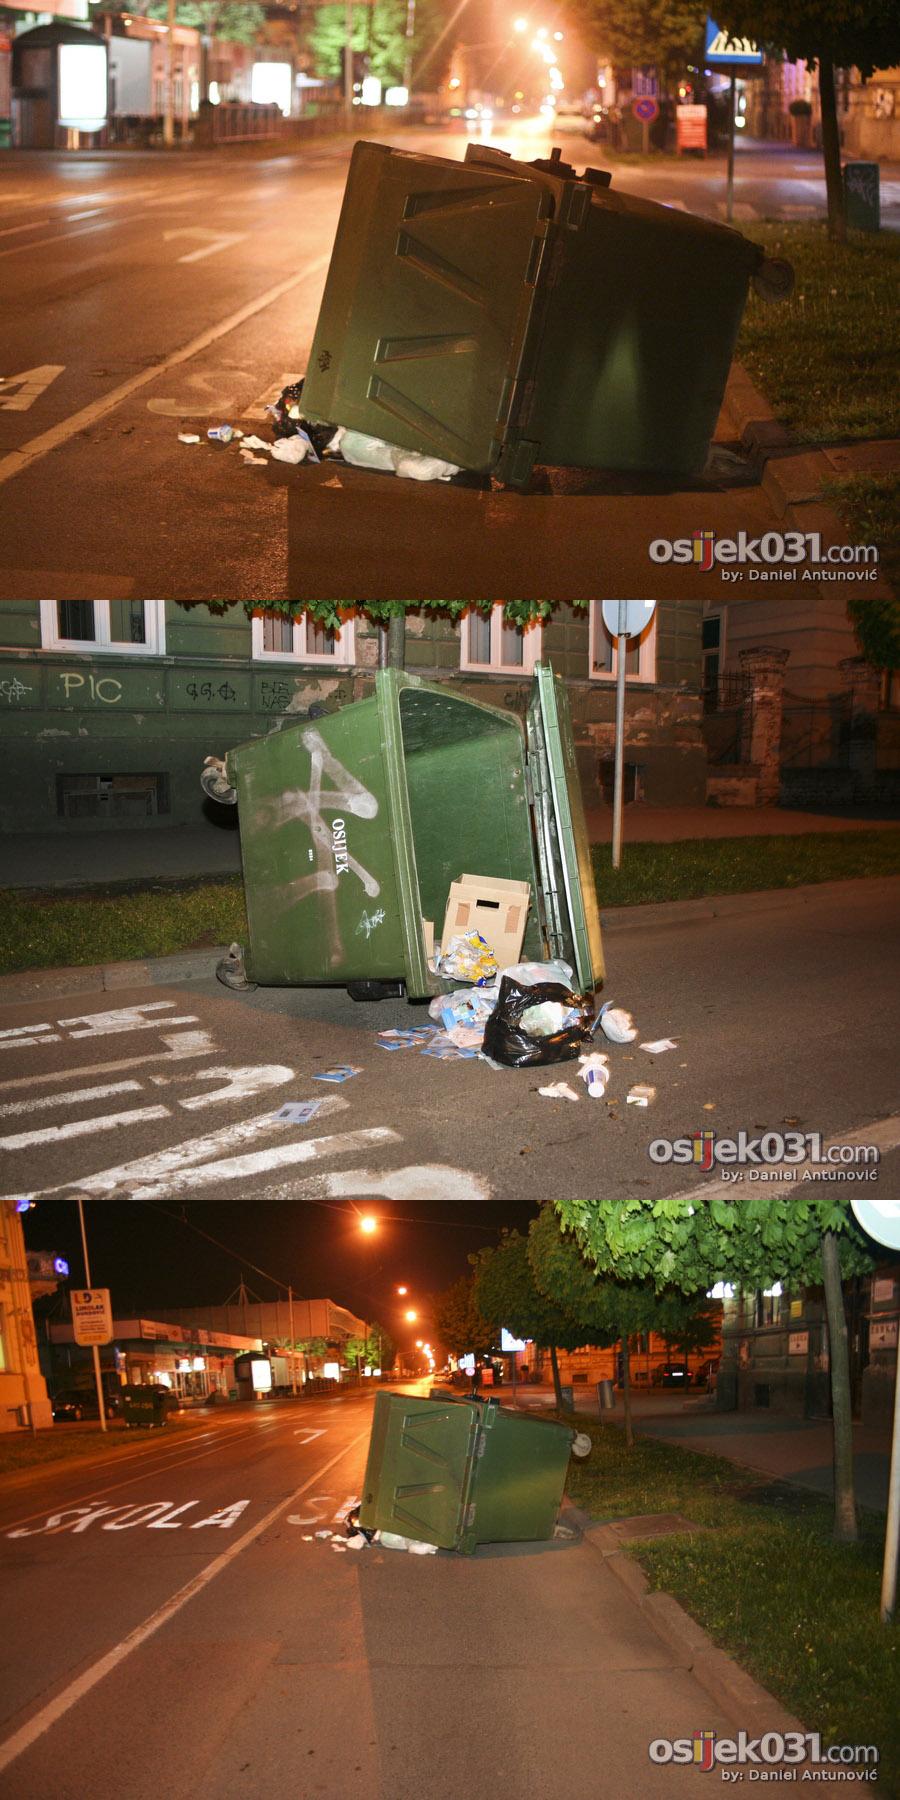 'Kultura'  Fotografije snimljene u Radićevoj ulici, u nedjelju 25. travnja 2010. u 02:00h  Foto: [b]Daniel Antunović[/b]  Ključne riječi: smece kontejner vandal radiceva